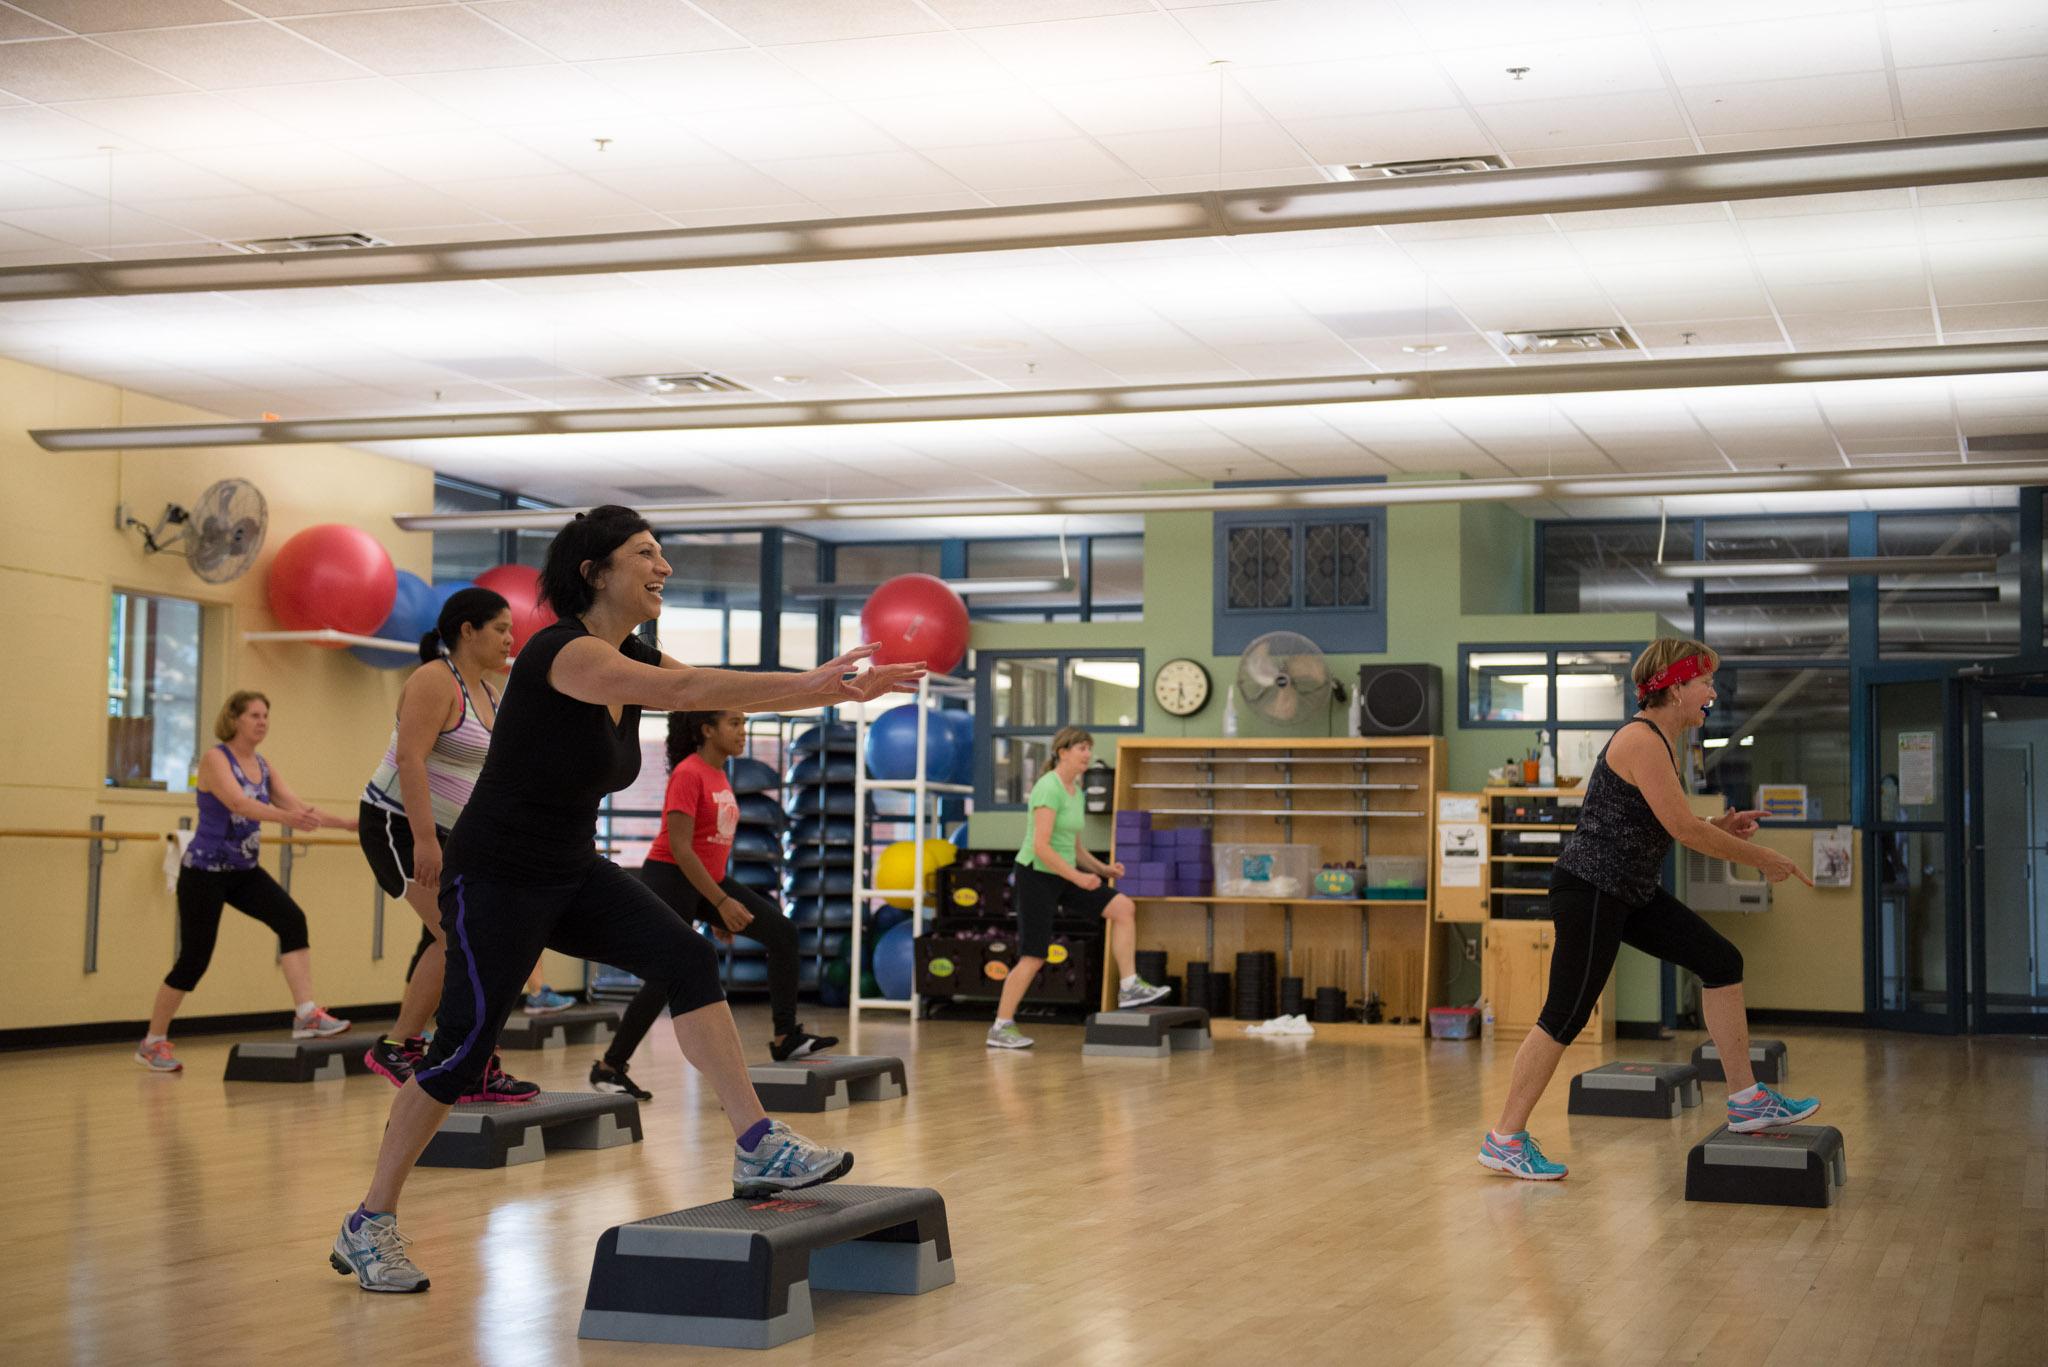 Wellness Center Stock Photos-1415.jpg